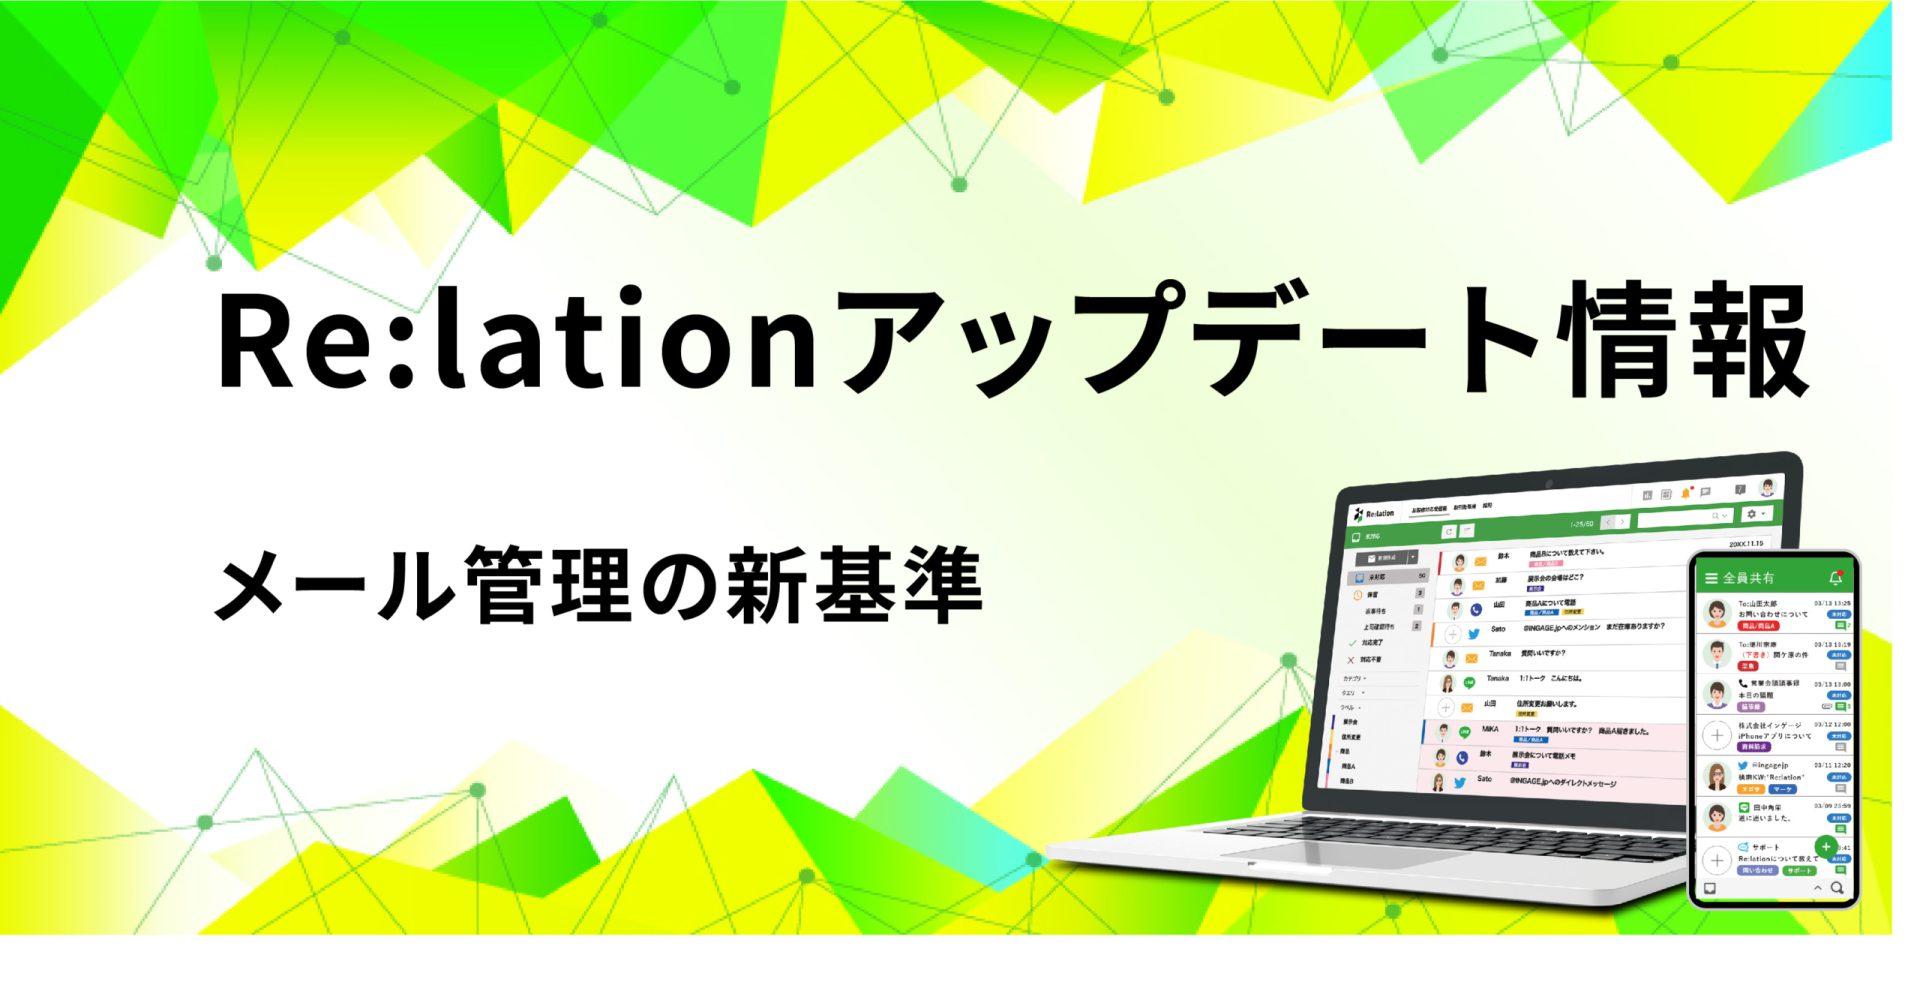 メール管理の新基準「Re:lation(リレーション)」3.12アップデート